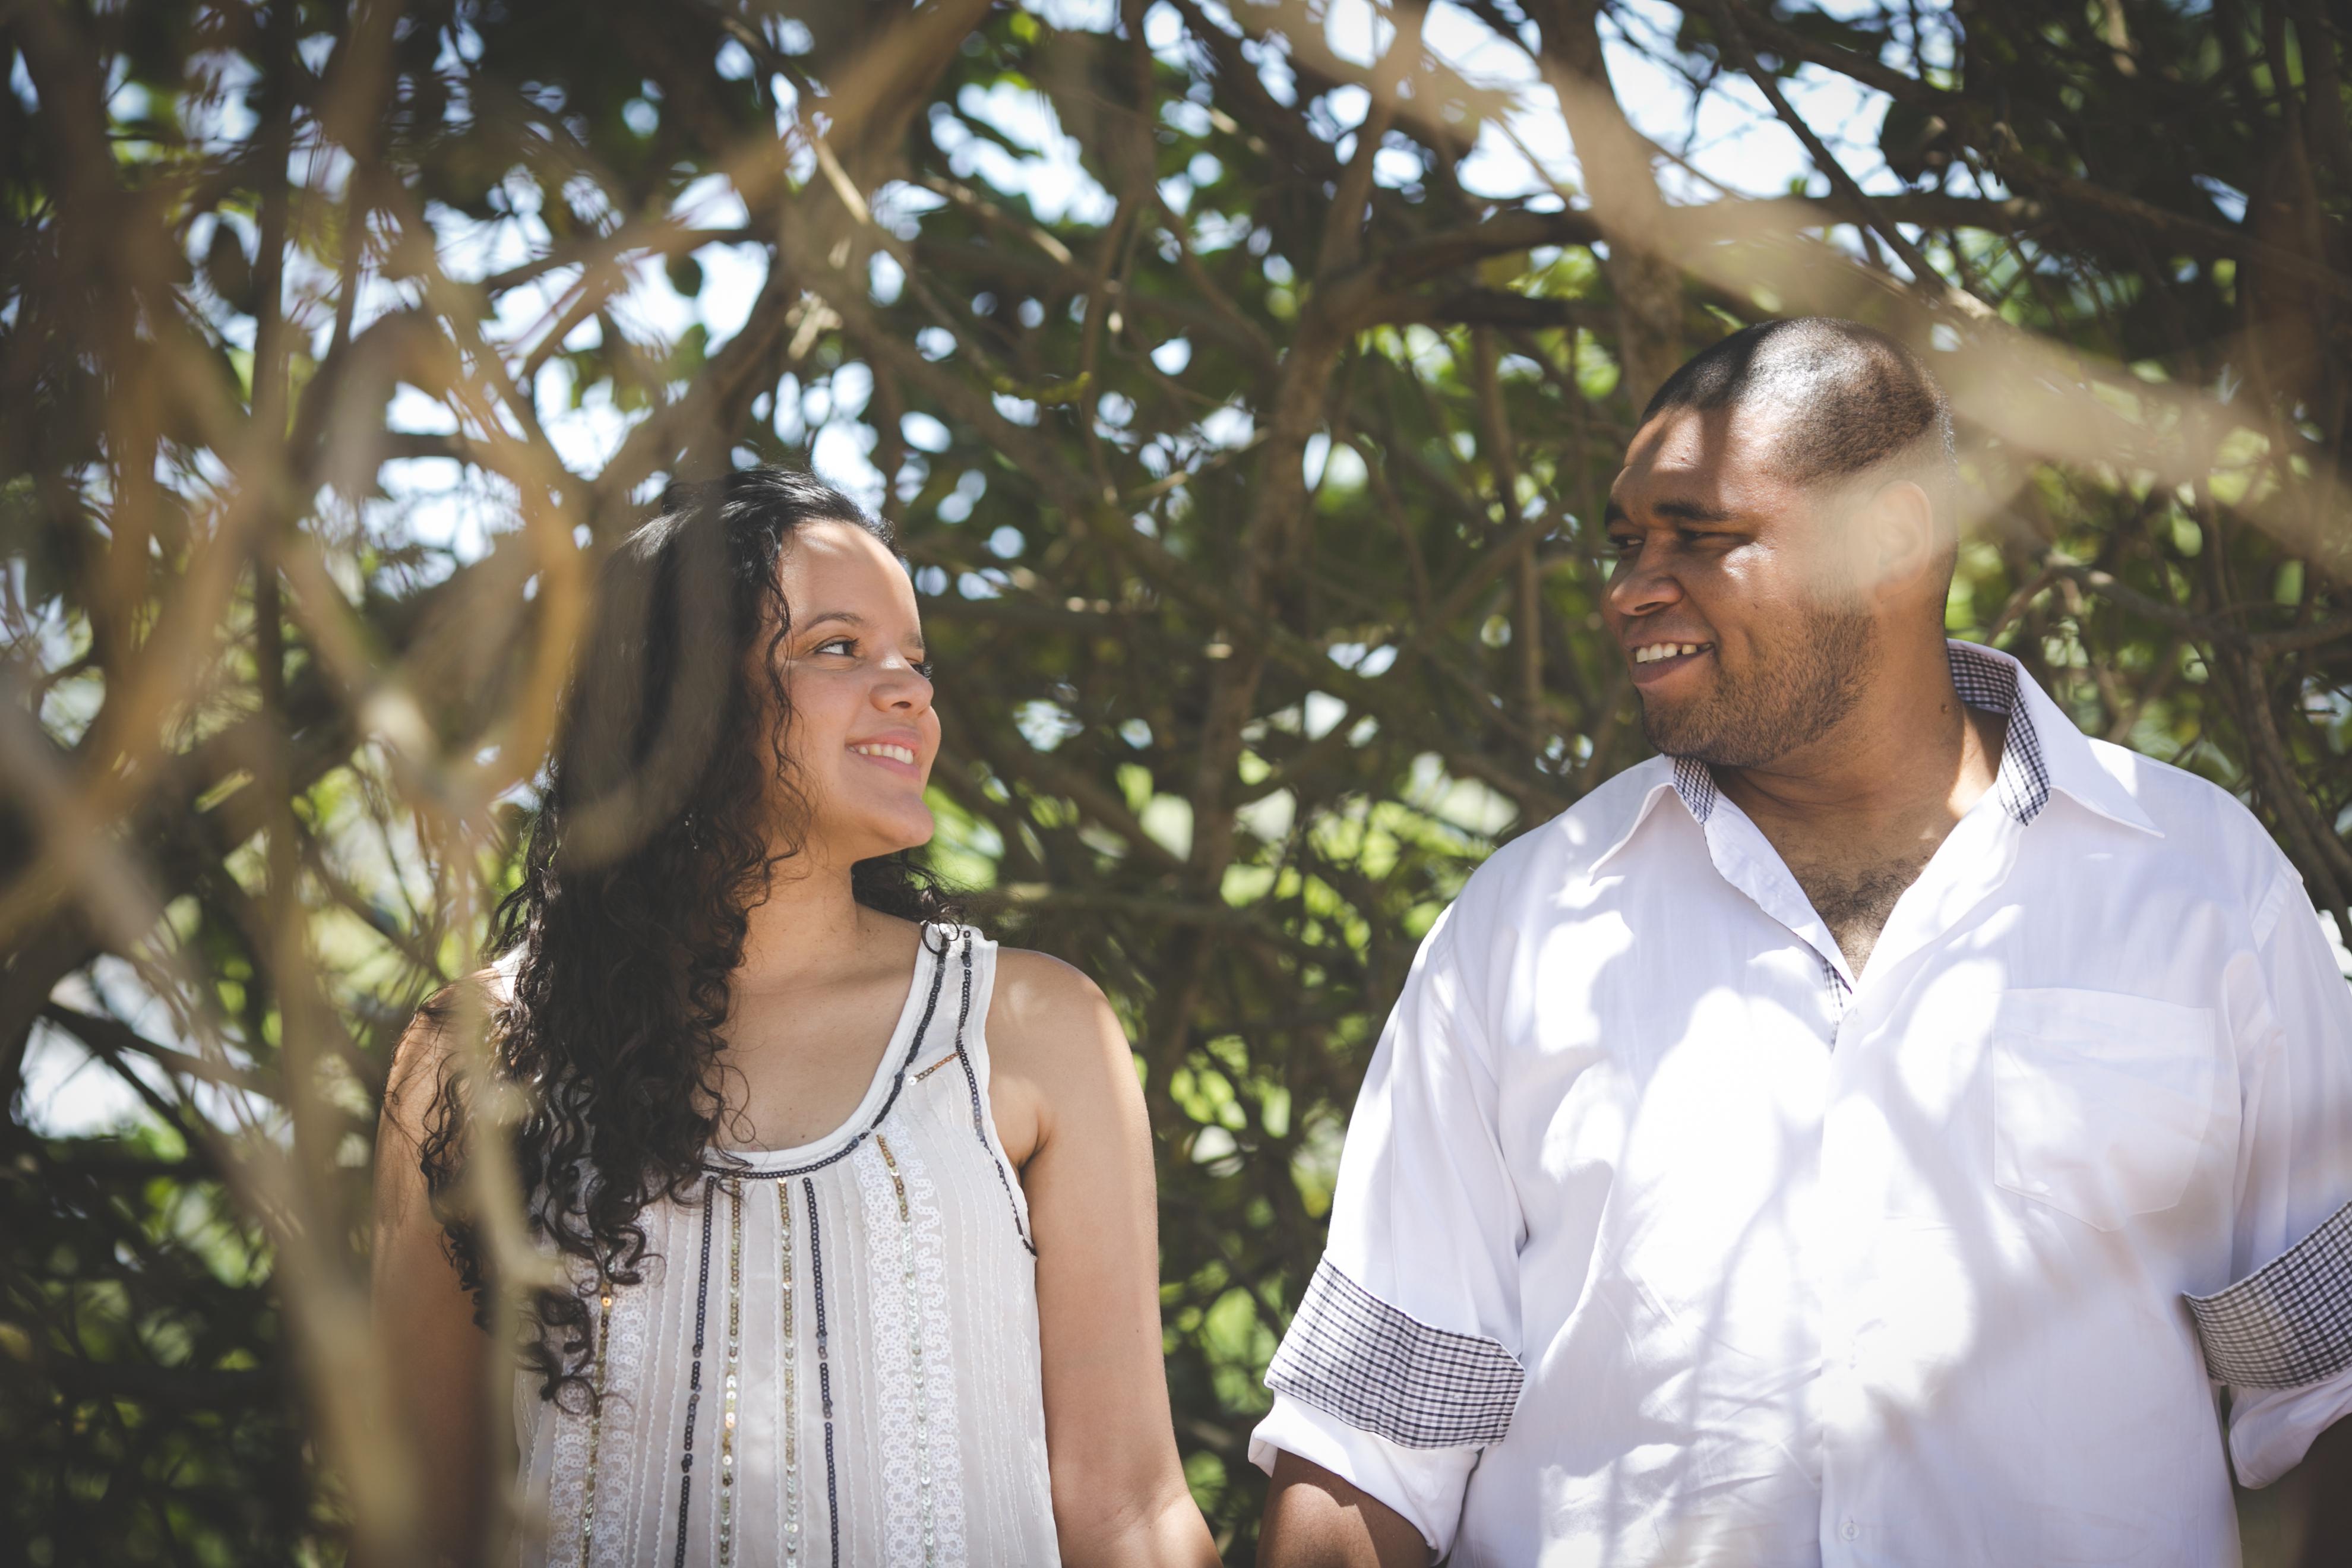 Contate Bruno Roas e Milla Roas - Fotógrafos de Casamento - Vitória - ES